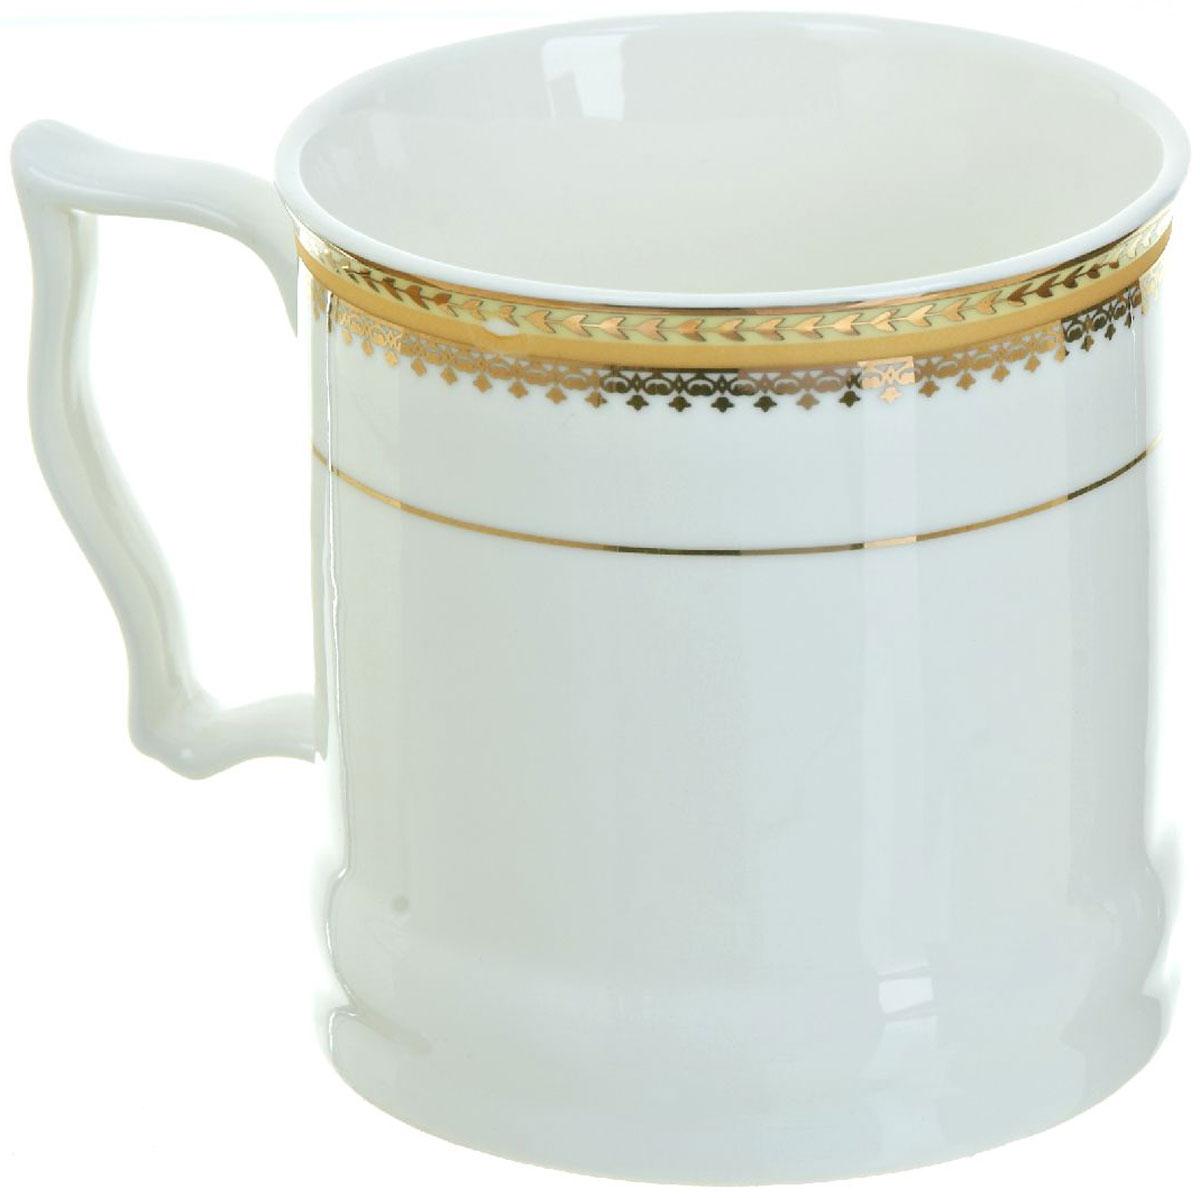 Кружка BHP Королевская кружка, 500 мл. 18700091870009Оригинальная кружка Best Home Porcelain, выполненная из высококачественного фарфора, сочетает в себе простой, утонченный дизайн с максимальной функциональностью. Оригинальность оформления придутся по вкусу тем, кто ценит индивидуальность. В комплект входит кружка. Можно использовать в ПММ.